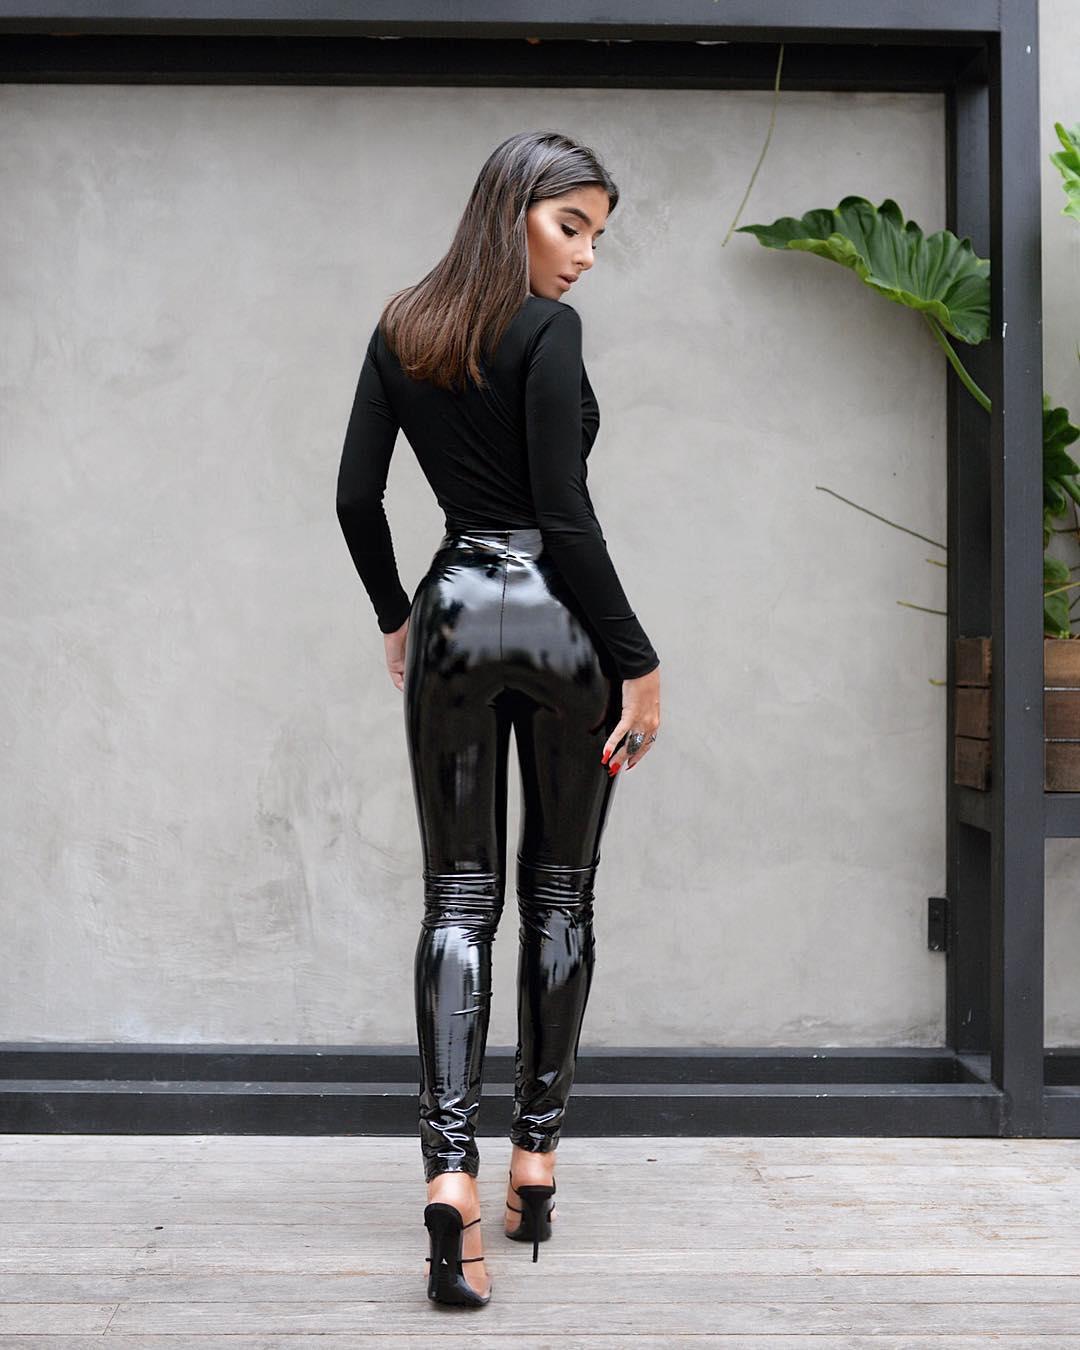 Jennifer-Auada-Wallpapers-Insta-Fit-Bio-16